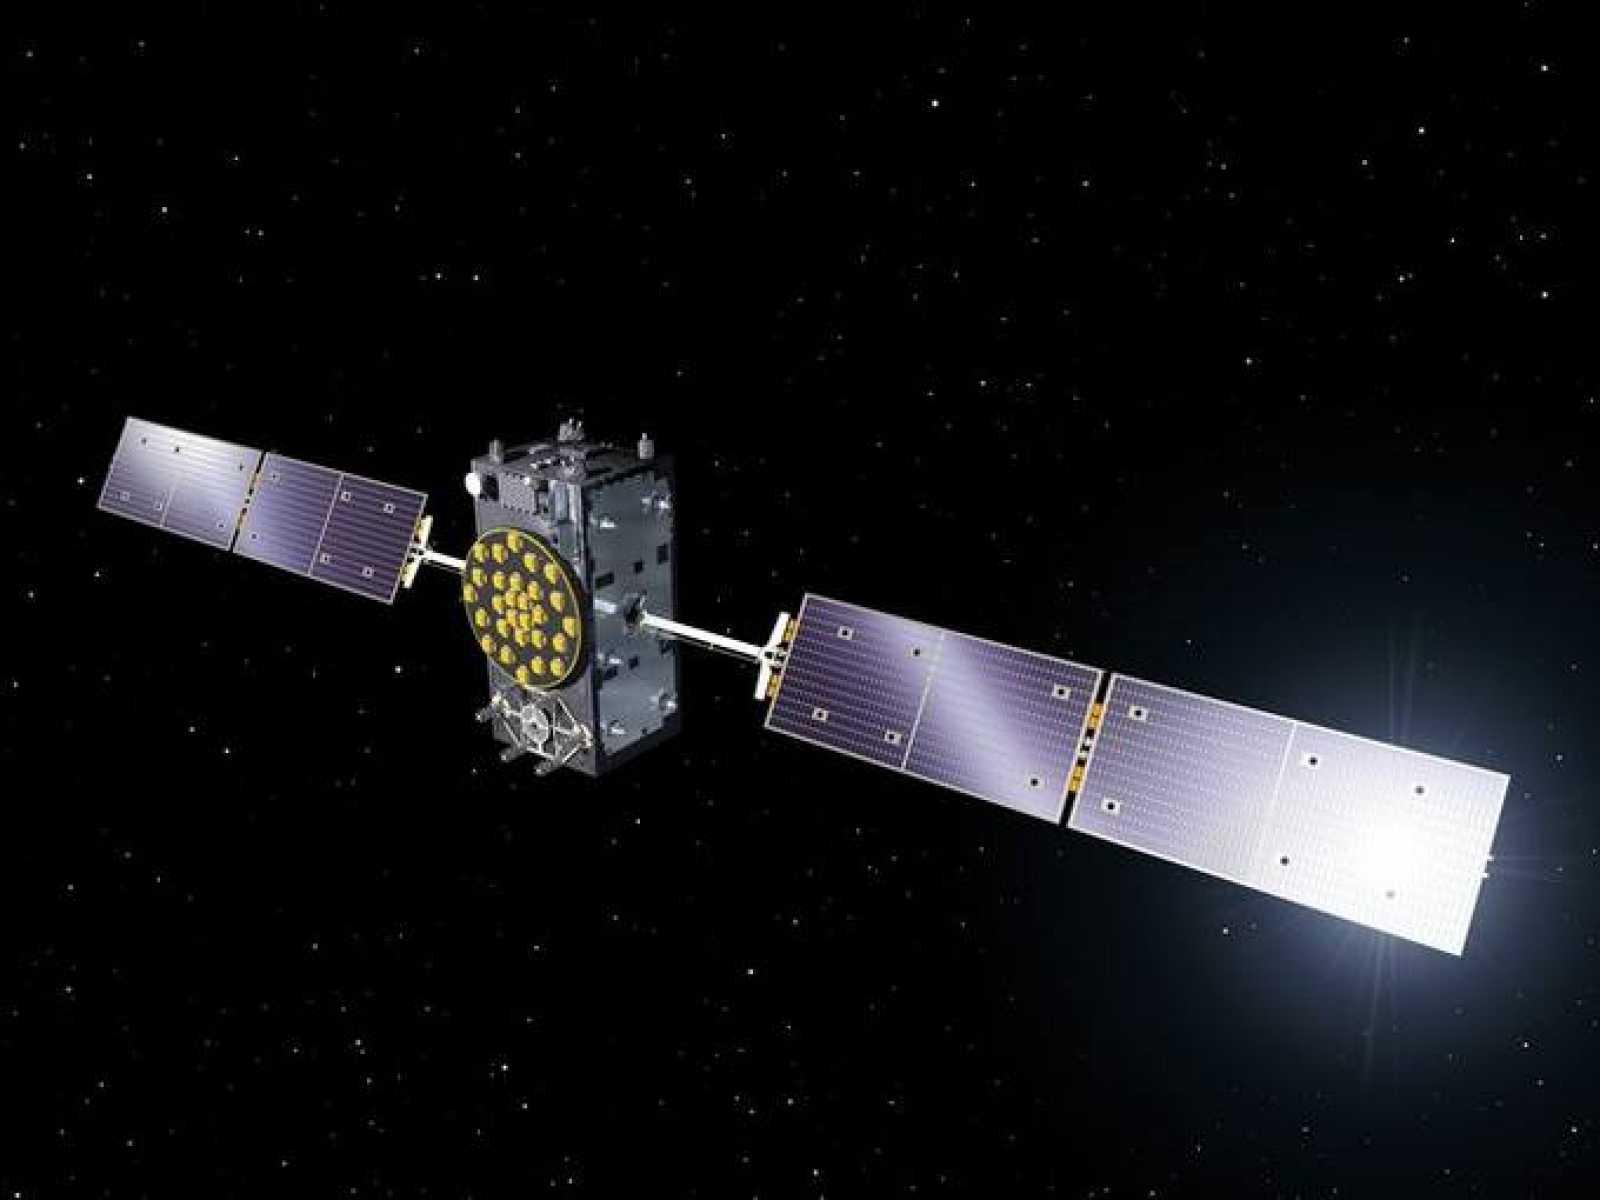 Ilustración de un satélite Galileo en órbita.